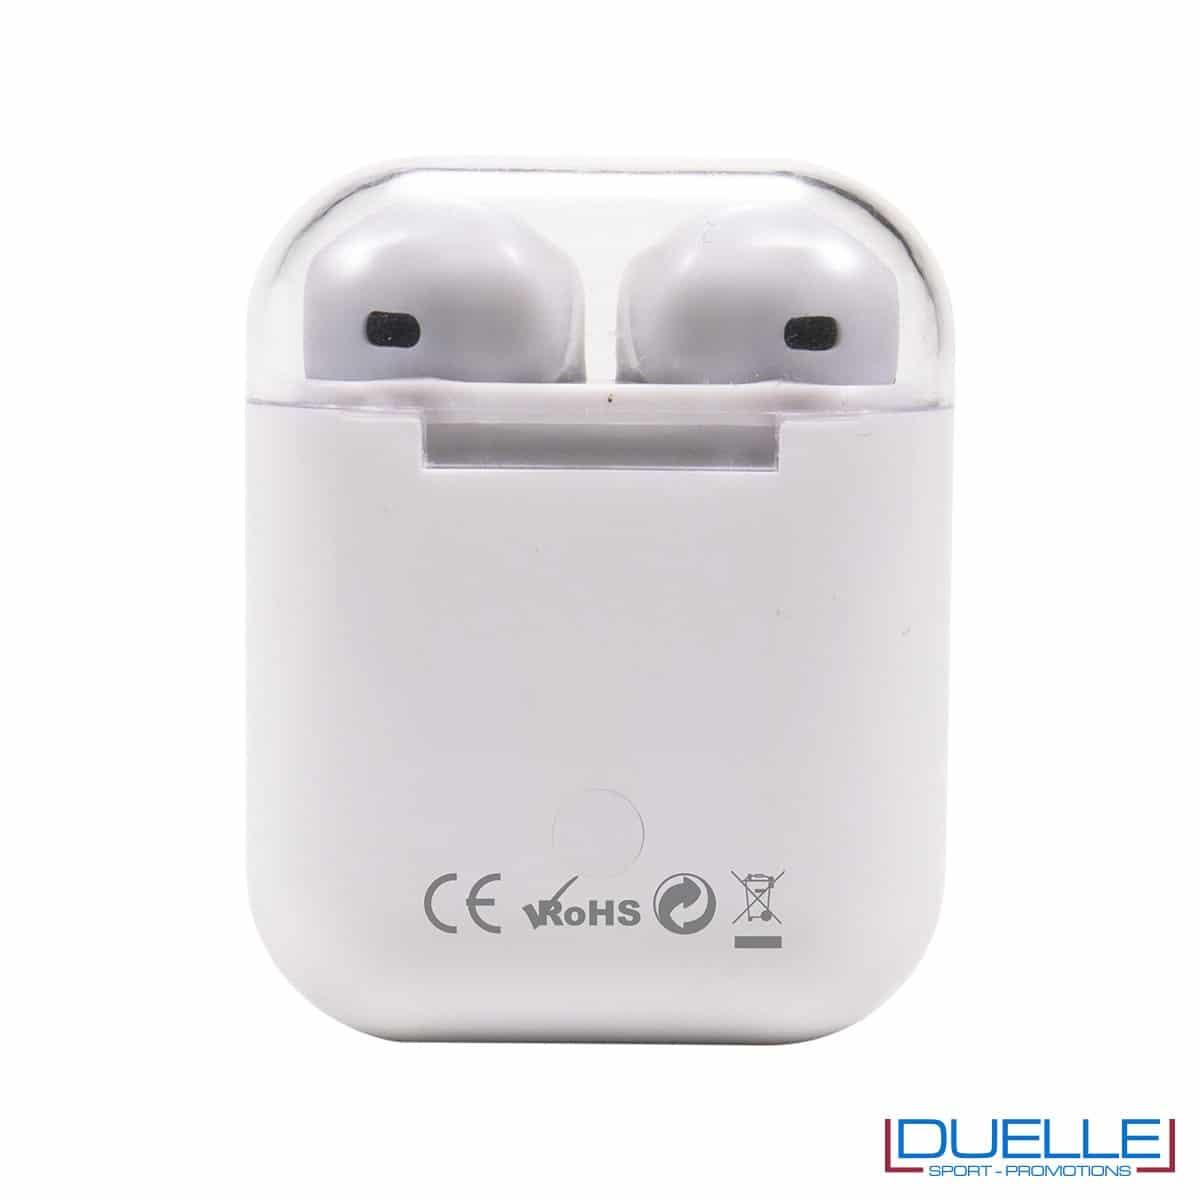 Auricolari bluetooth 5.0 Prixton con touch control personalizzabili